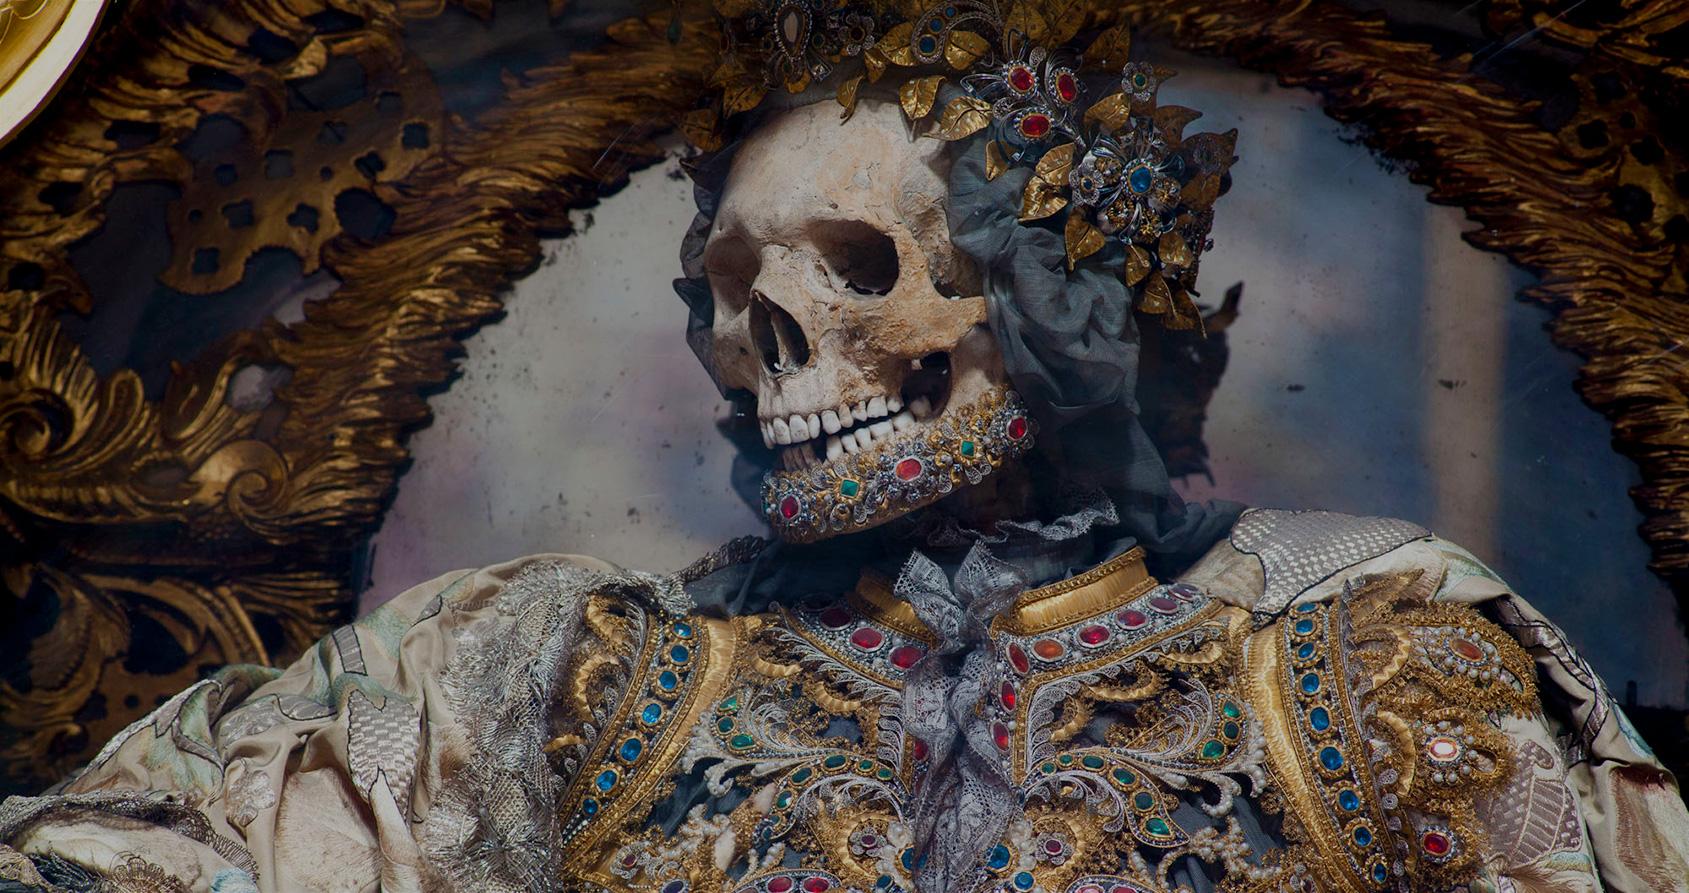 La plus belle œuvre d'art réalisée avec des os humains